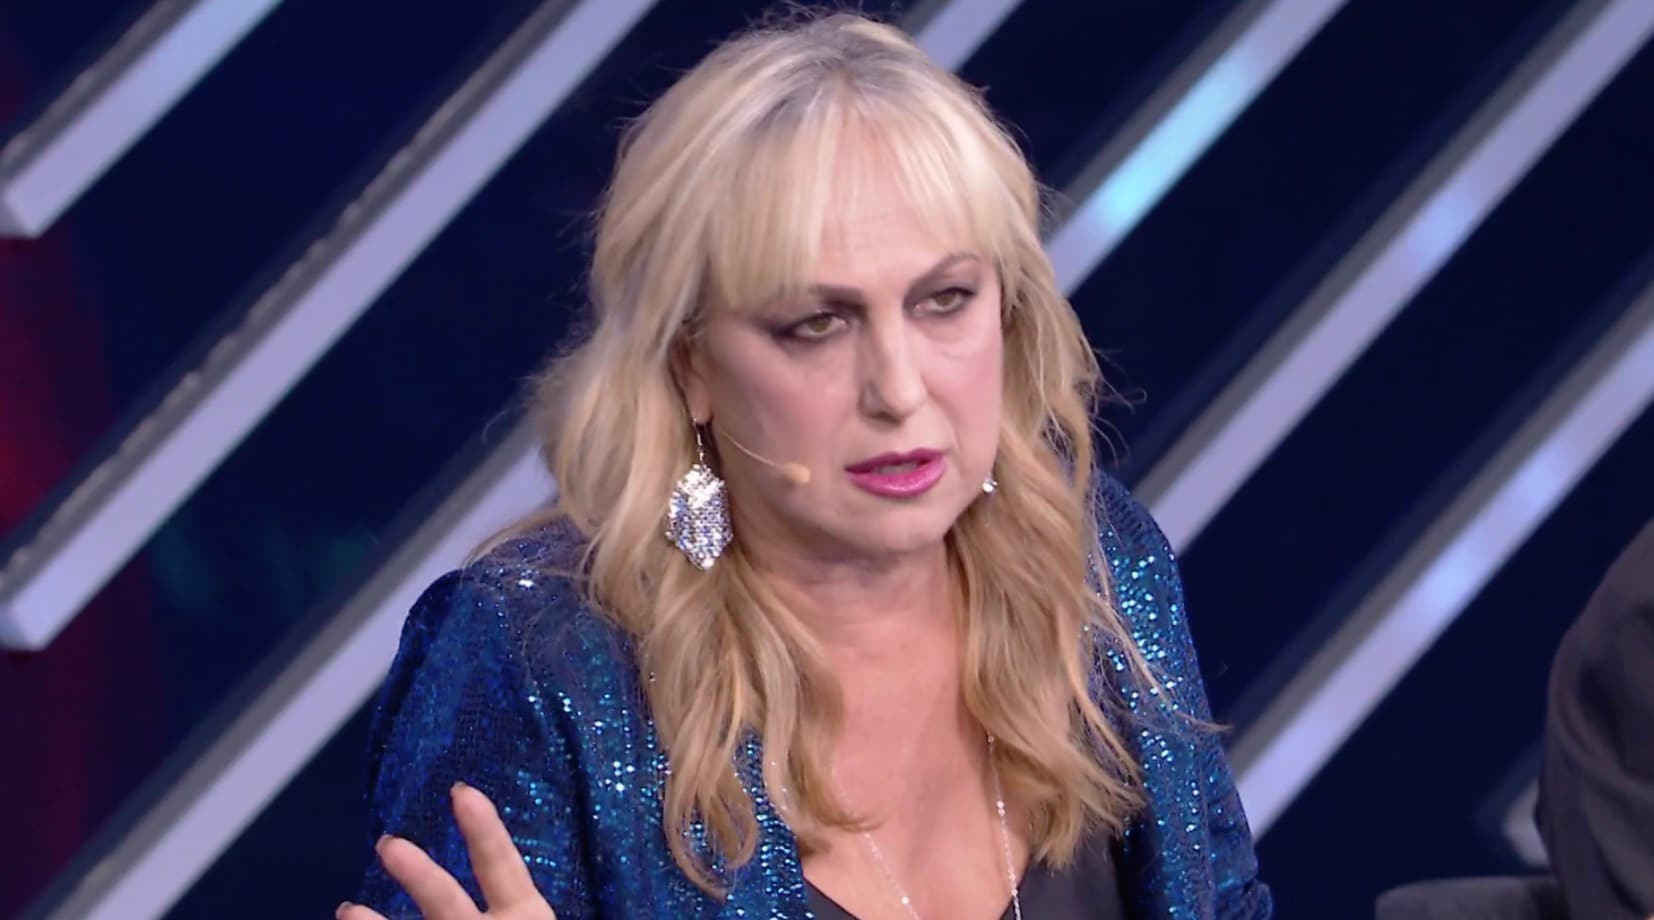 """Agata Reale svela perché porta una parrucca e attacca la Celentano: """"Voleva fare la velina e vende corsi online"""""""